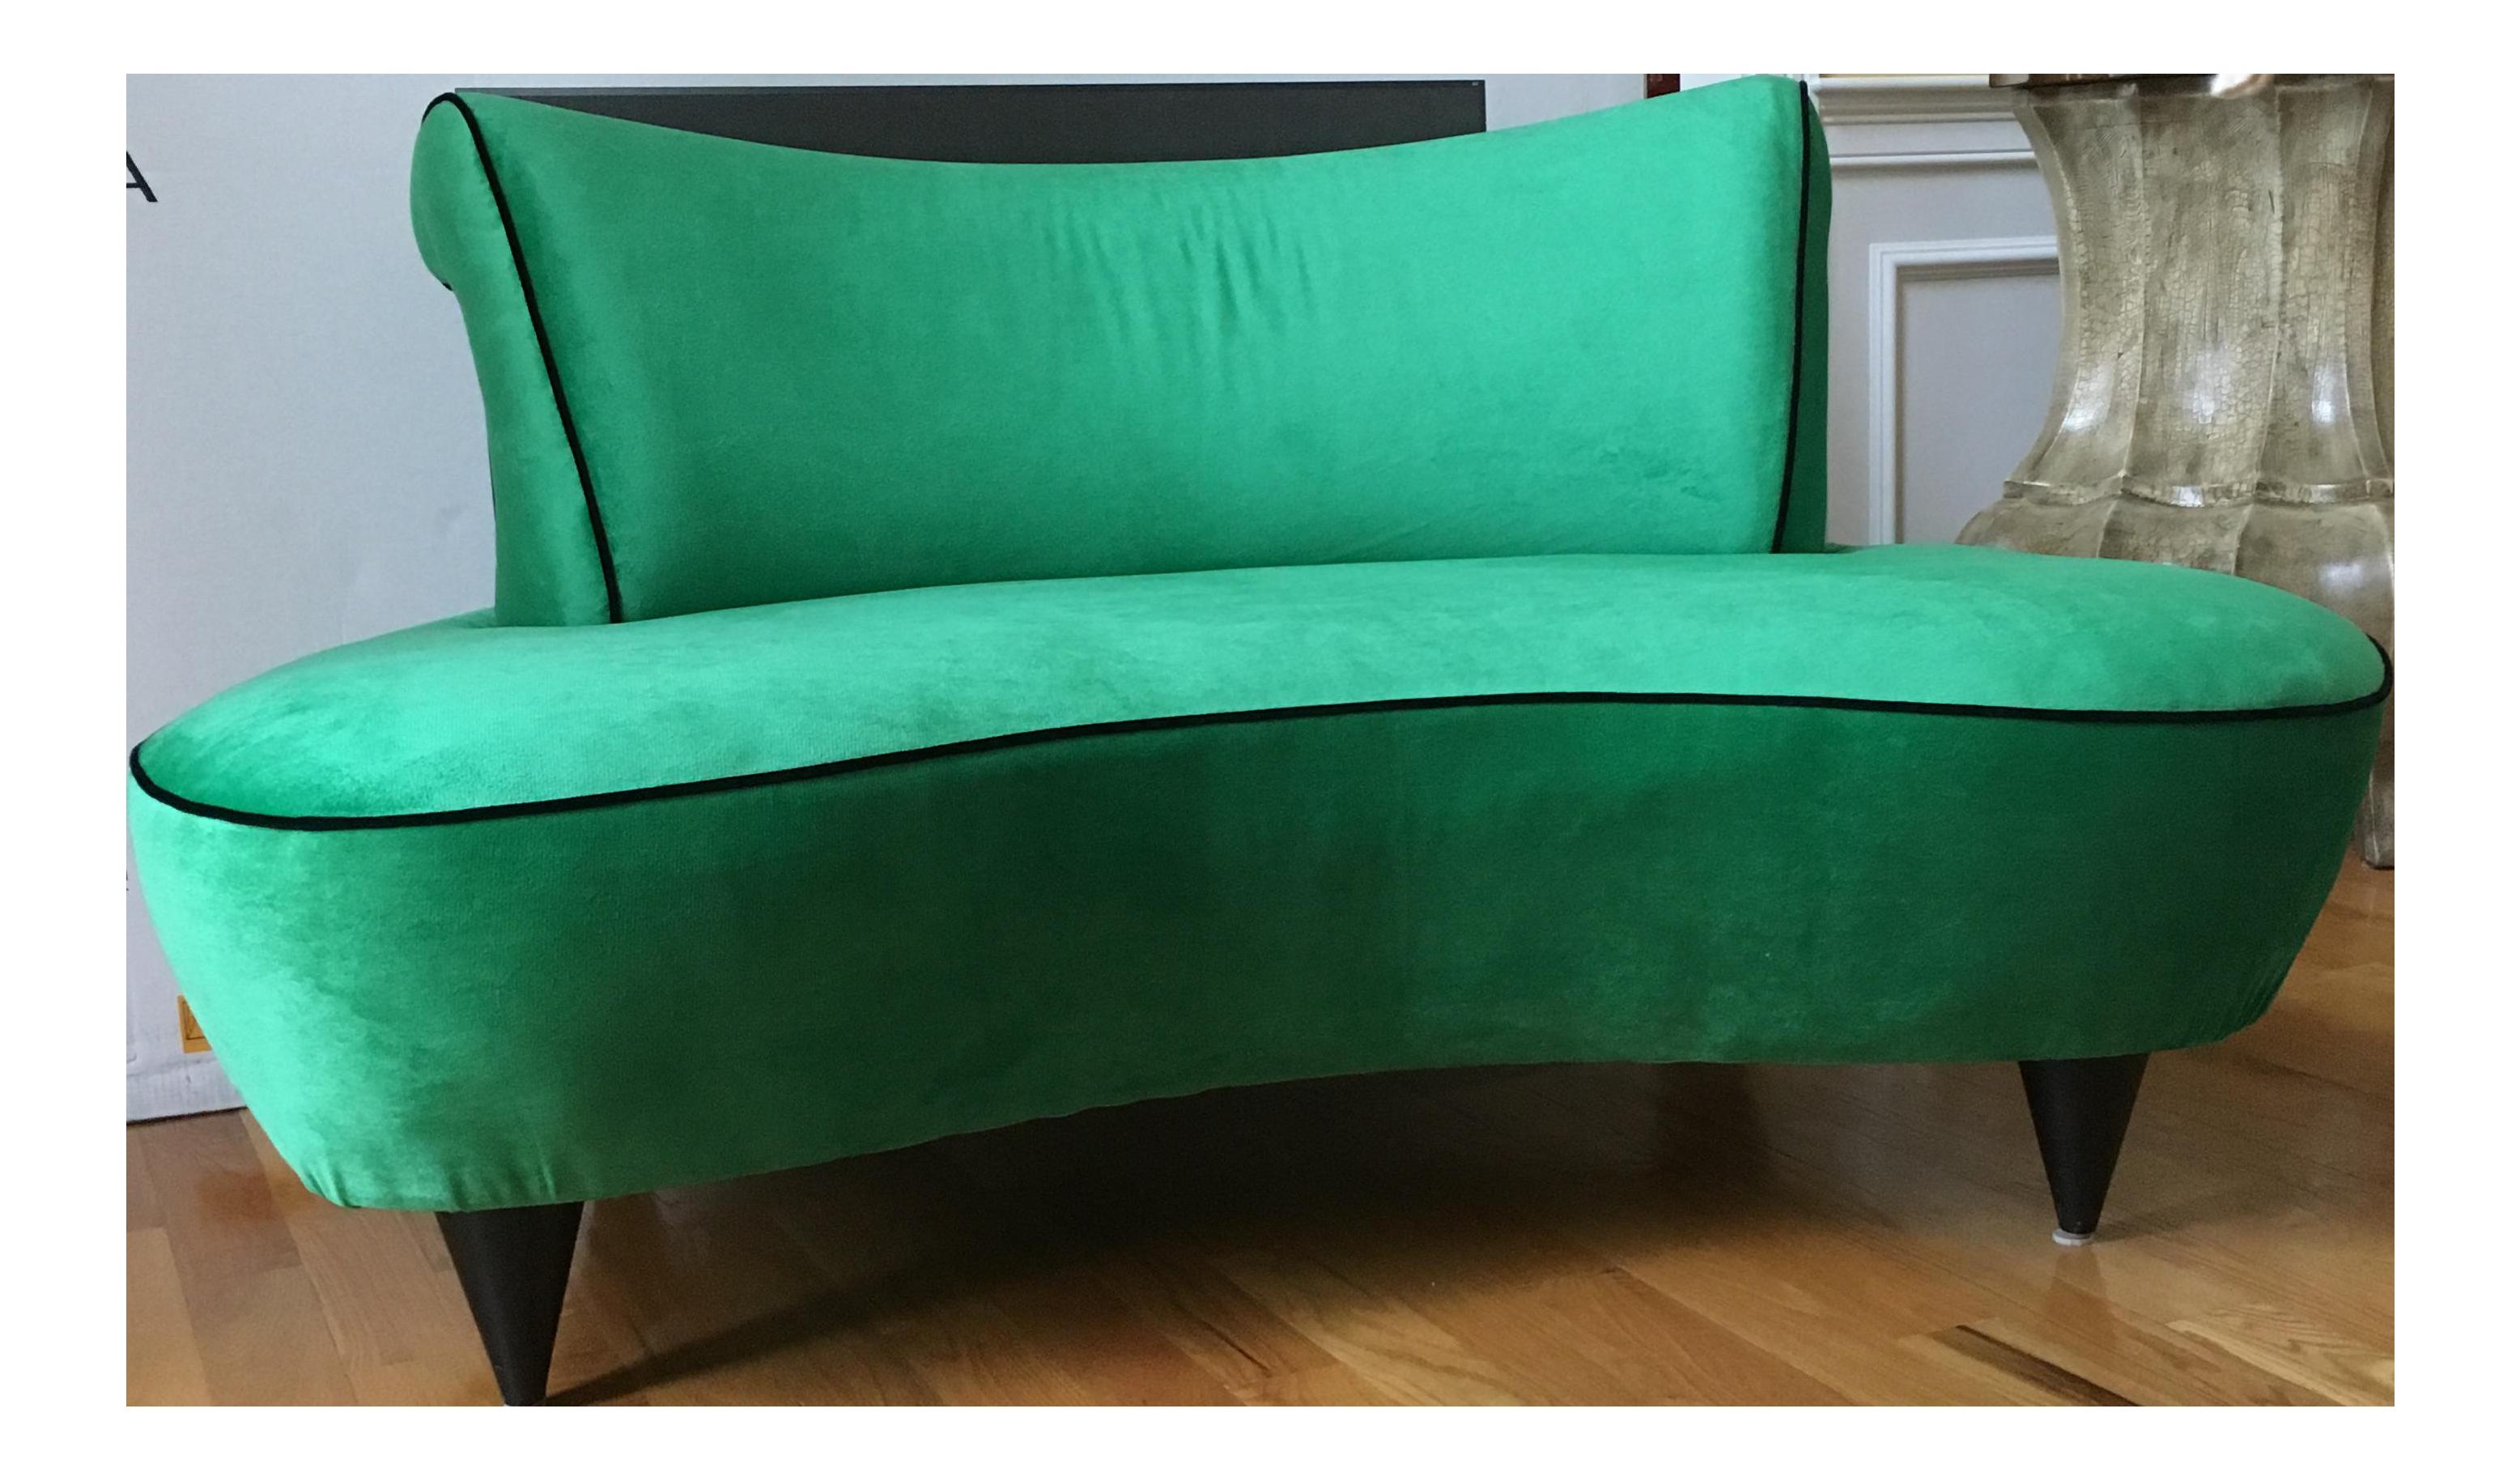 Vintage Vladimir Kagan Style Hollywood Regency Kelly Green Curved Settee